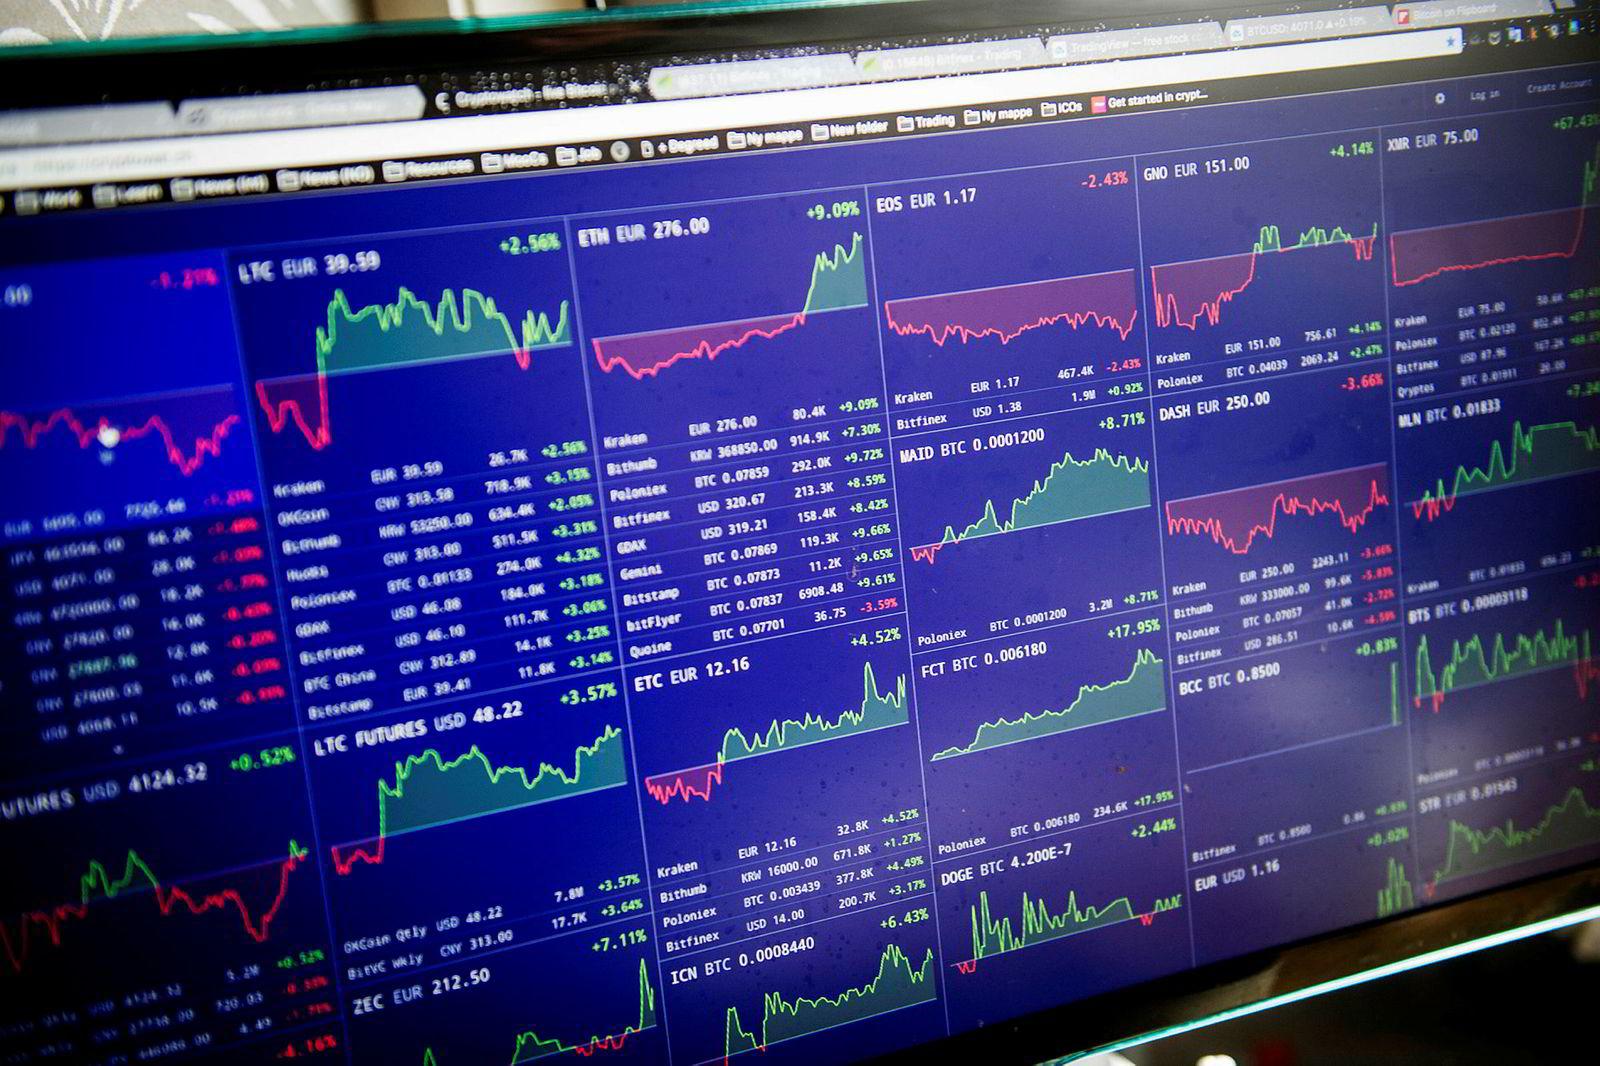 Slik ser plattformen Cryptowatch ut, der man kan se markedsdata og prisutvikling for ulike digitale valutaer.